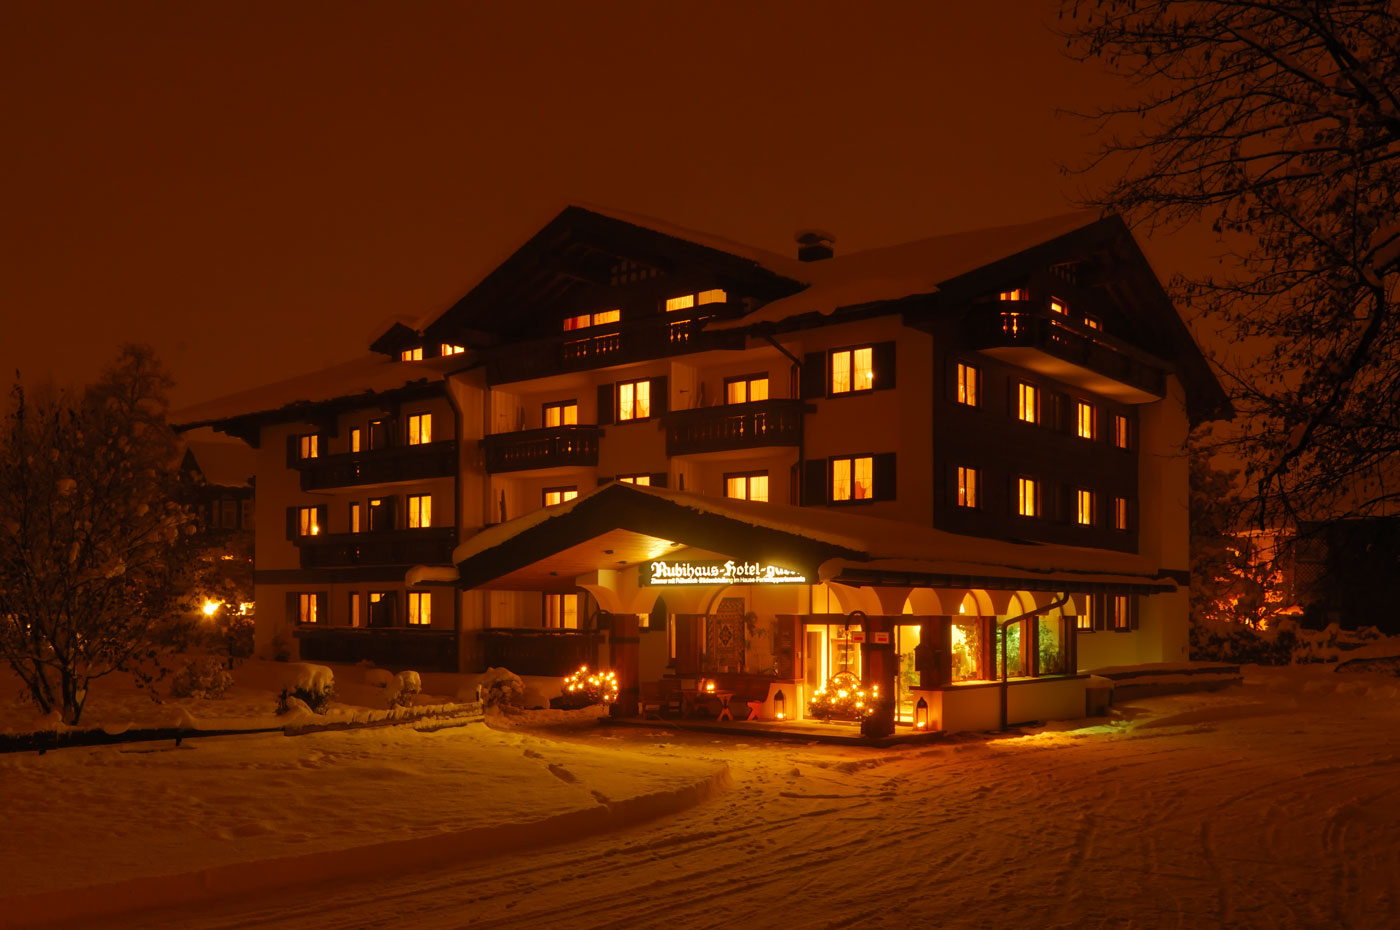 Rubihaus Winter Nacht